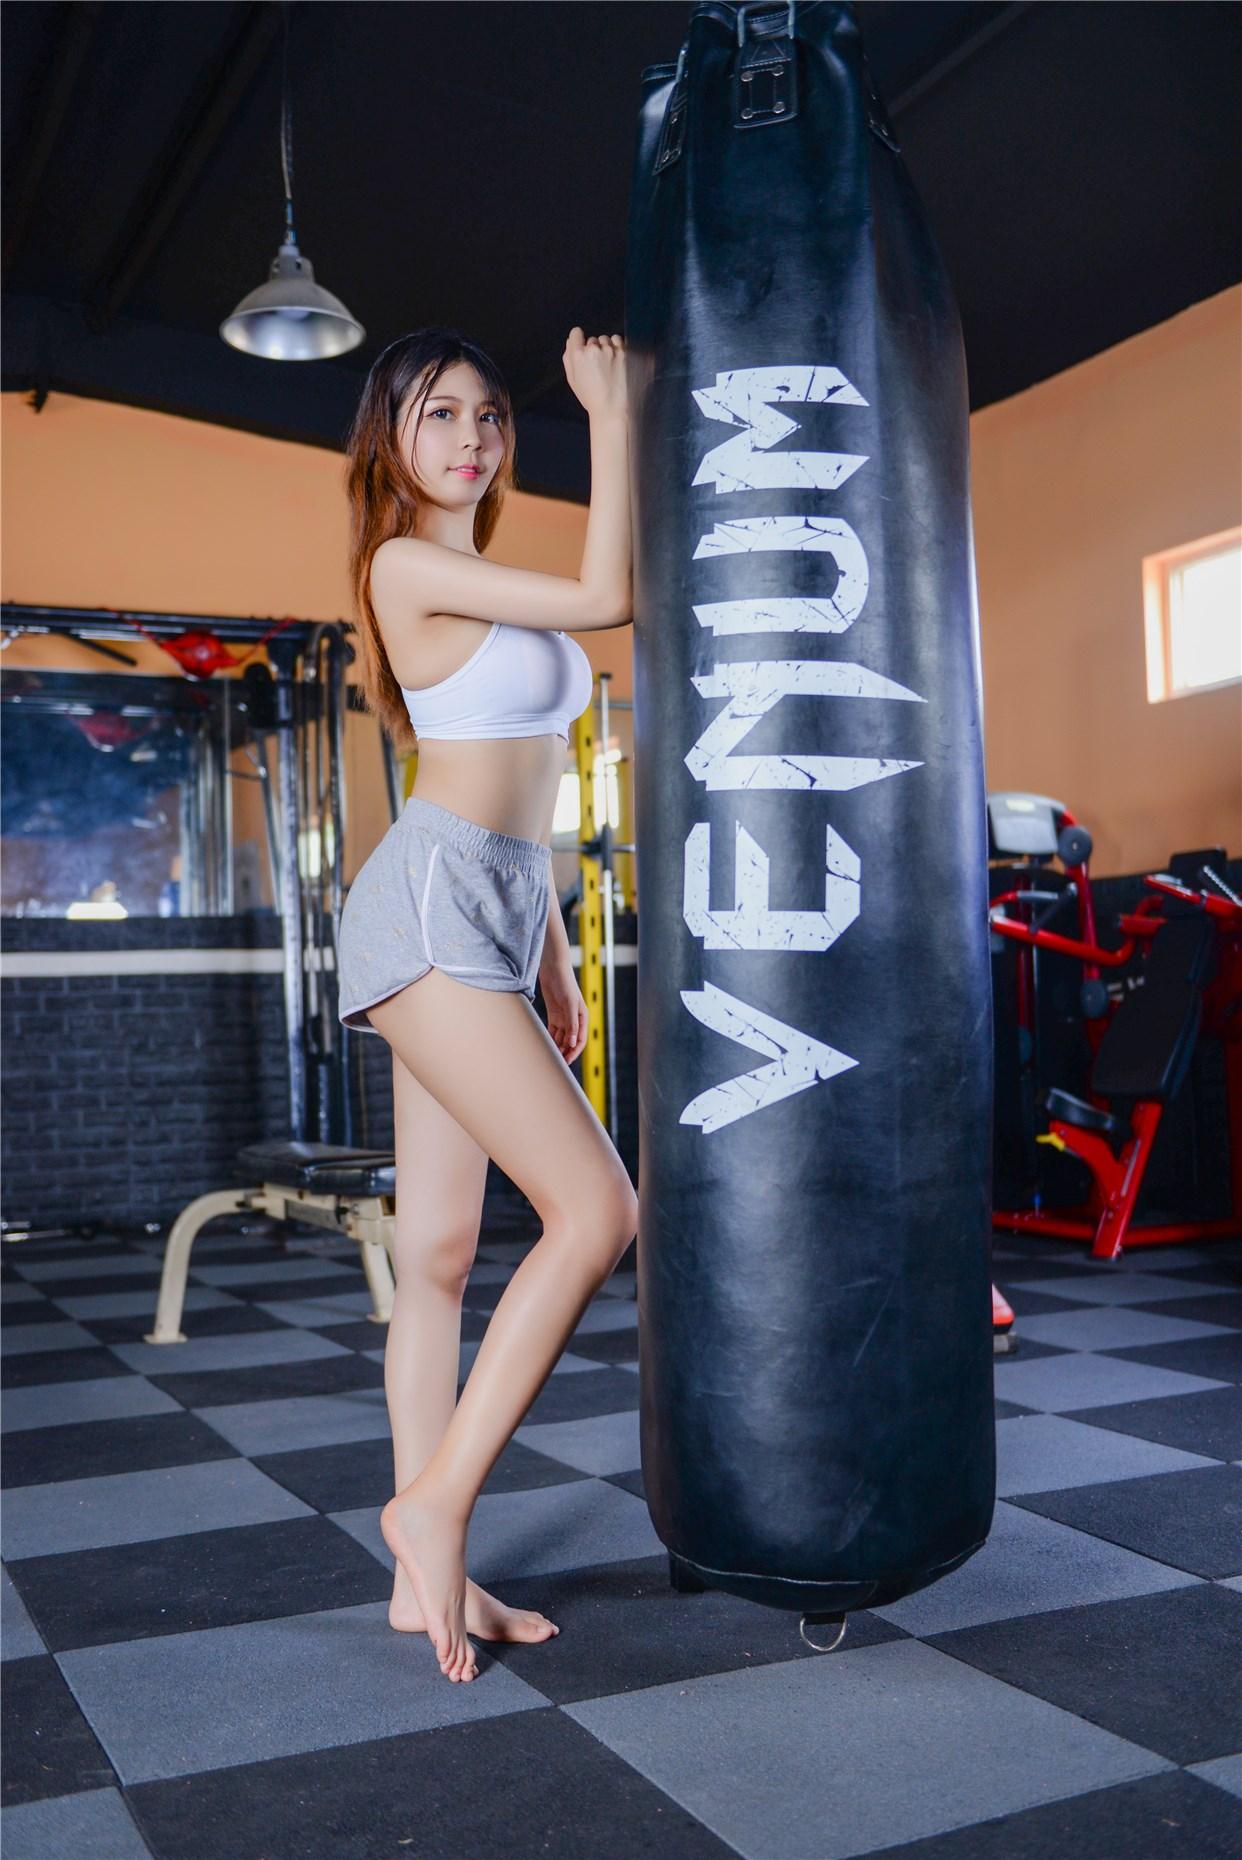 【兔玩映画】健身房的美少女 兔玩映画 第37张